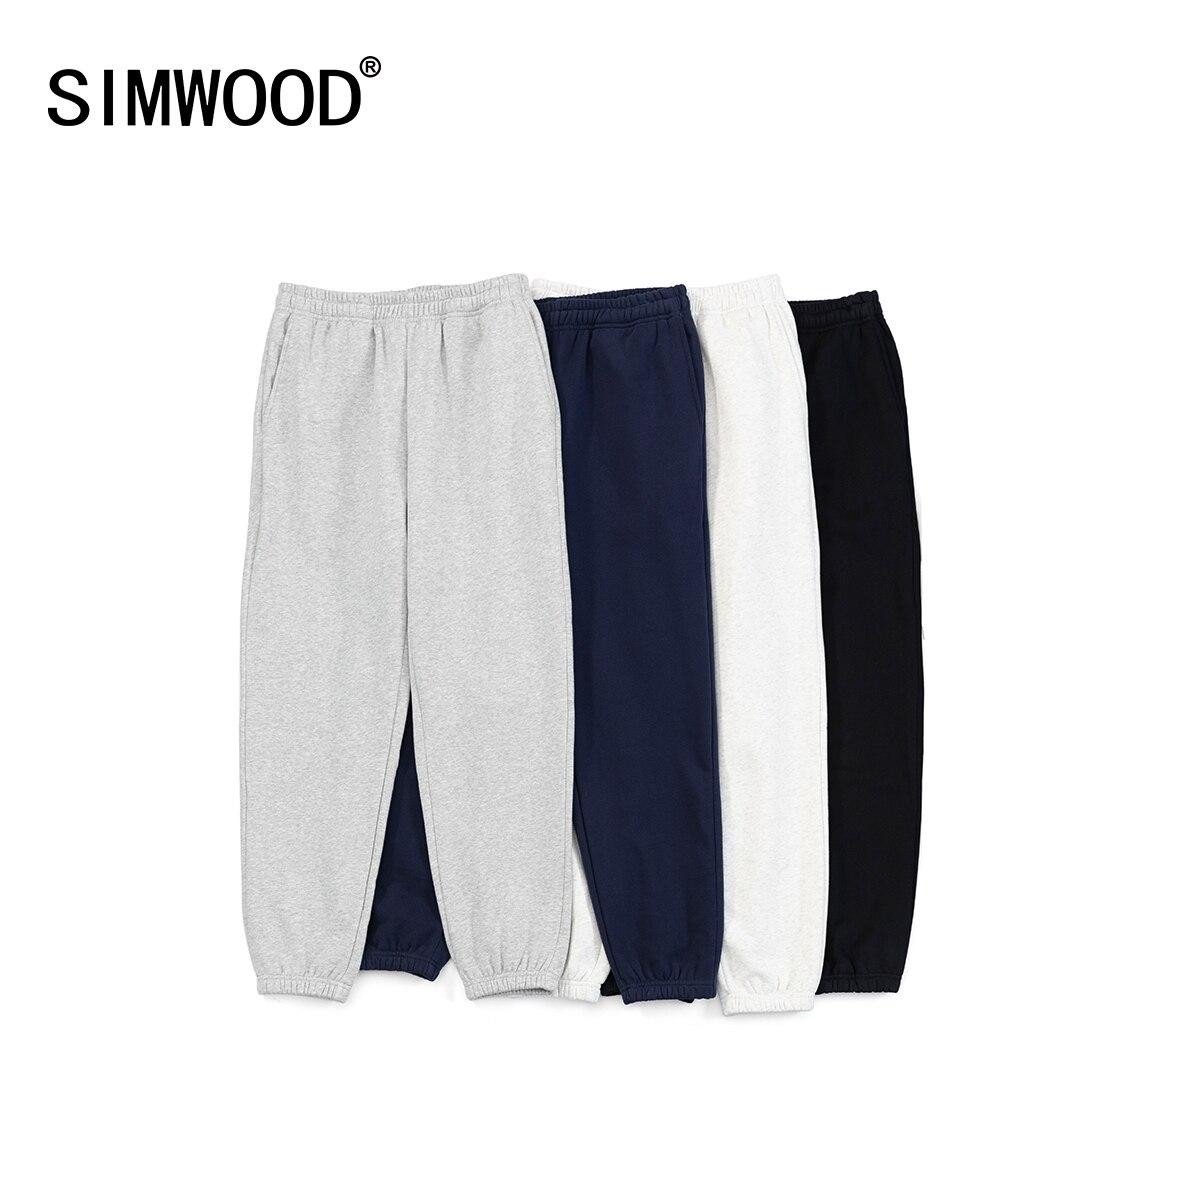 SIMWOOD-بنطلون رياضي من الصوف للرجال ، فضفاض ، مريح ، مقاس كبير ، ملابس رياضية ، مجموعة شتاء 2021 الجديدة